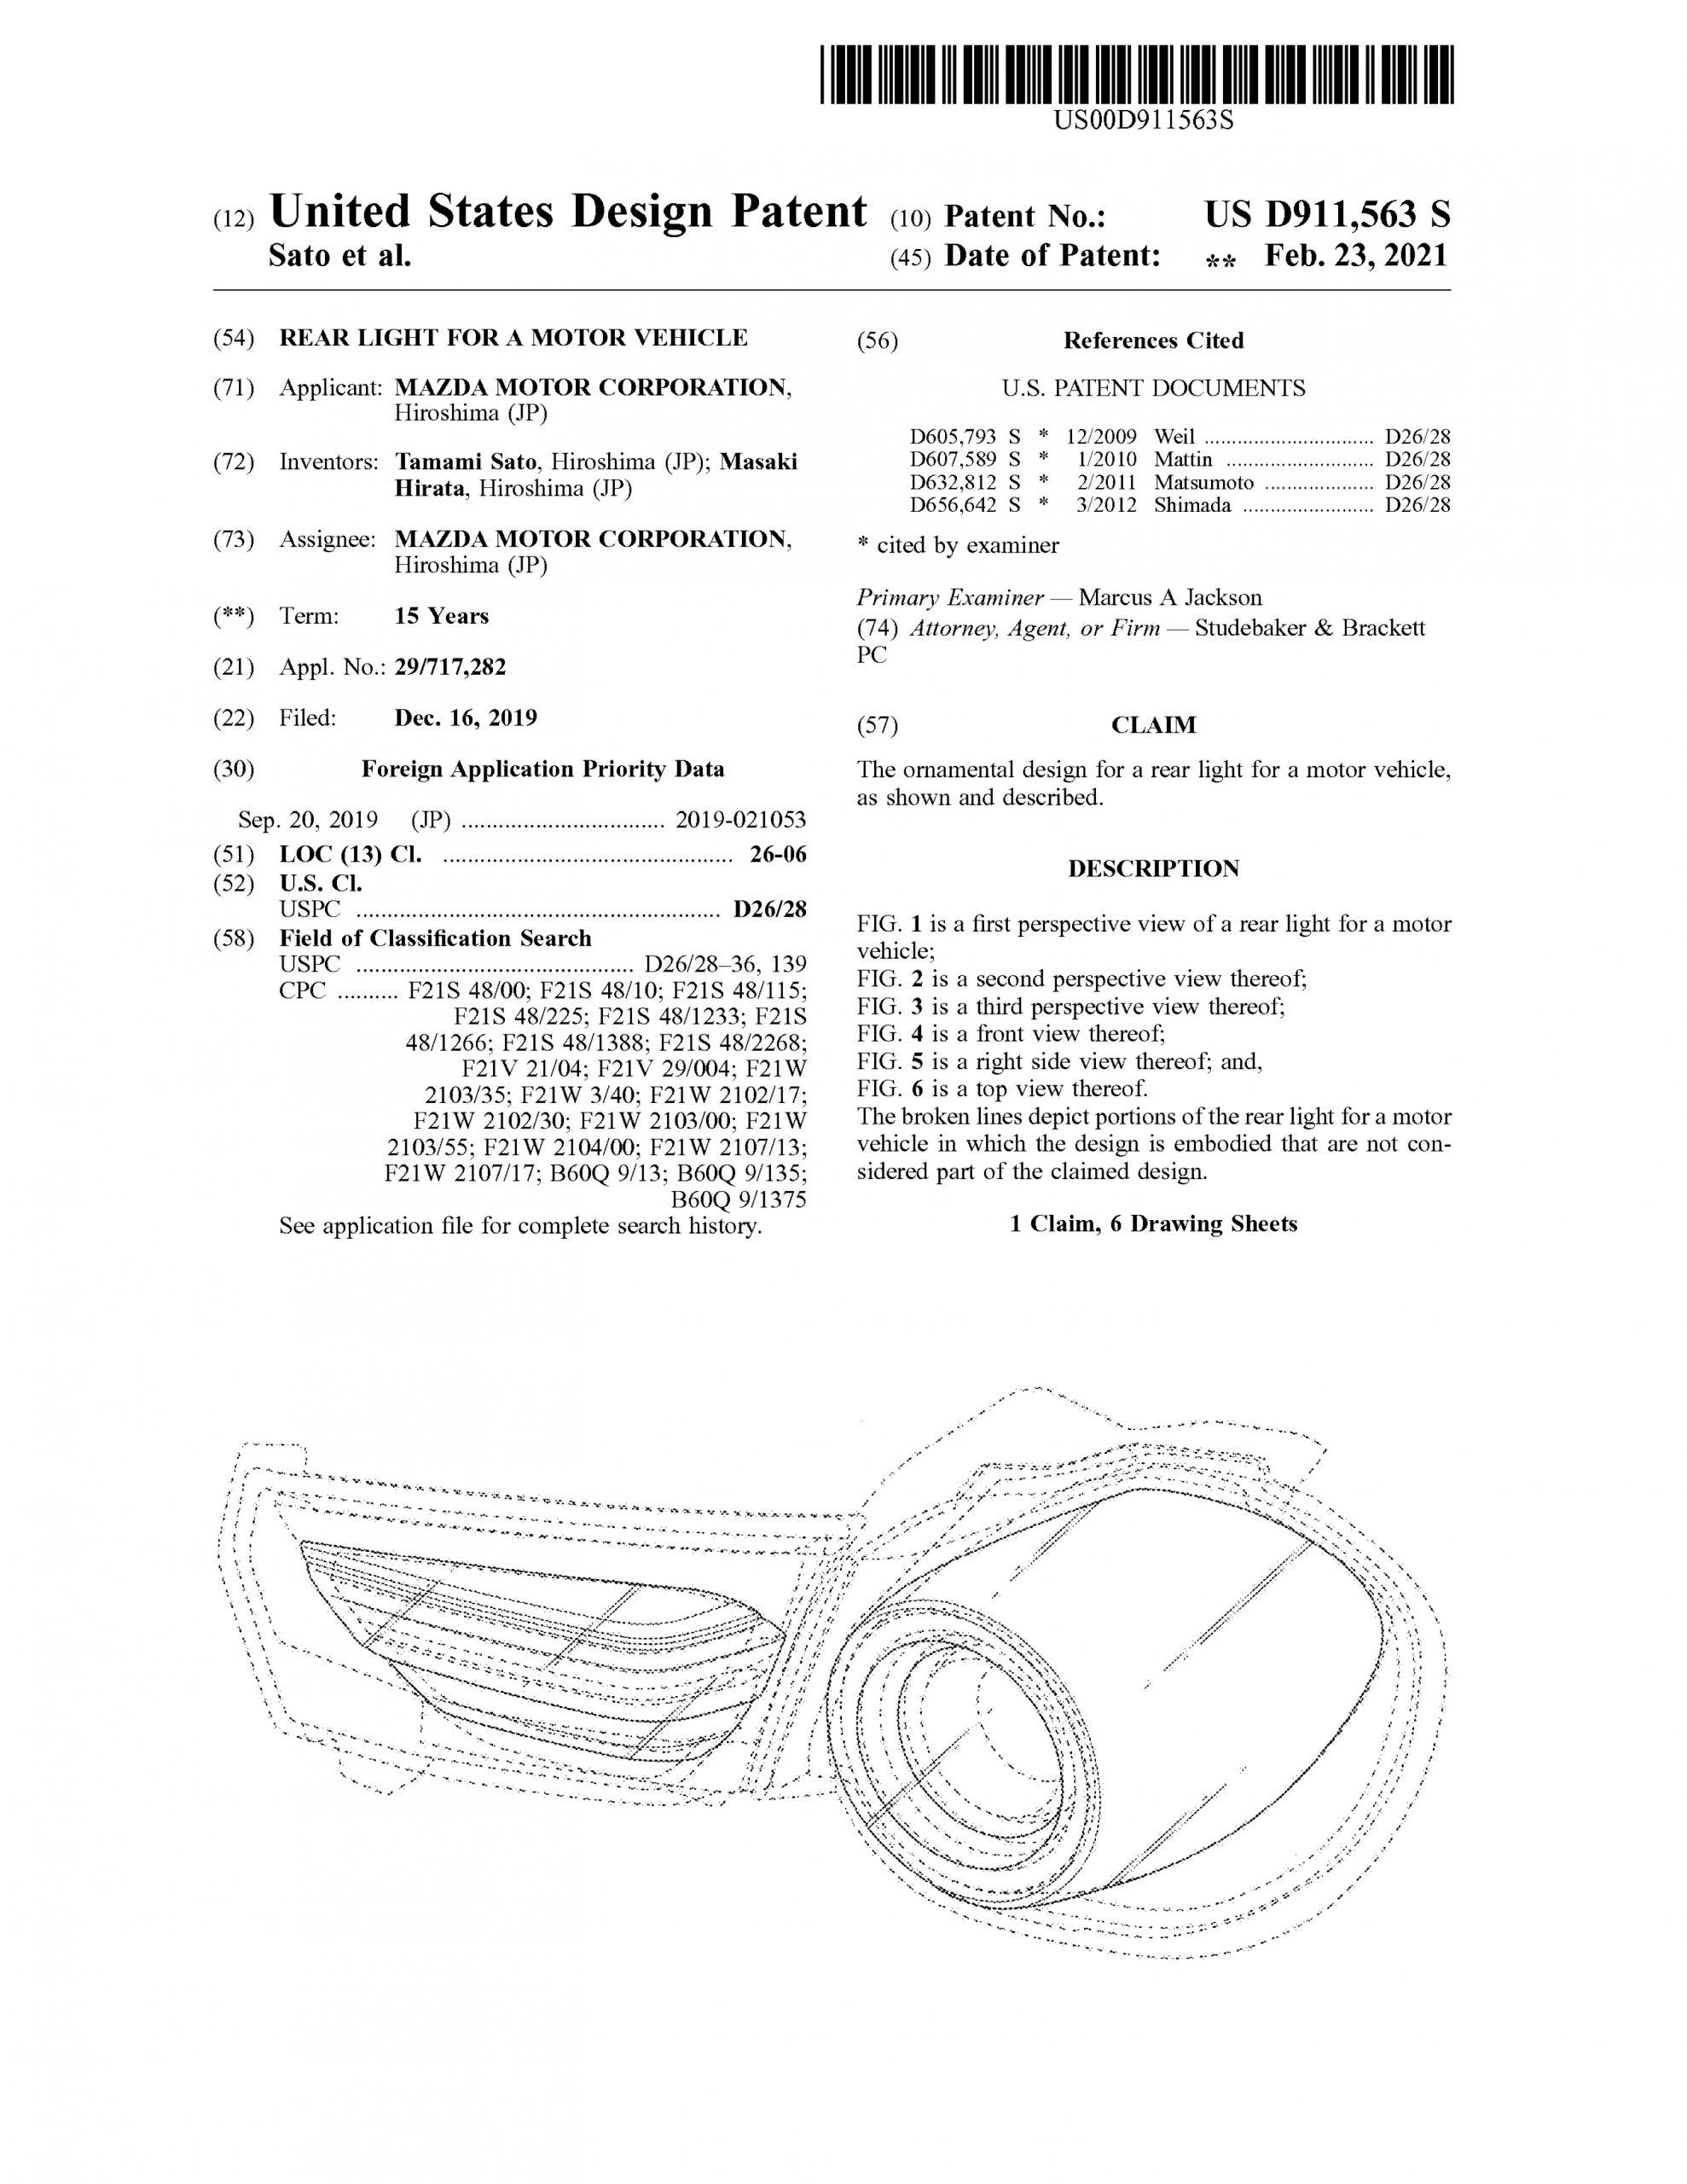 マツダ、米国でMX-30のテールライトを意匠登録